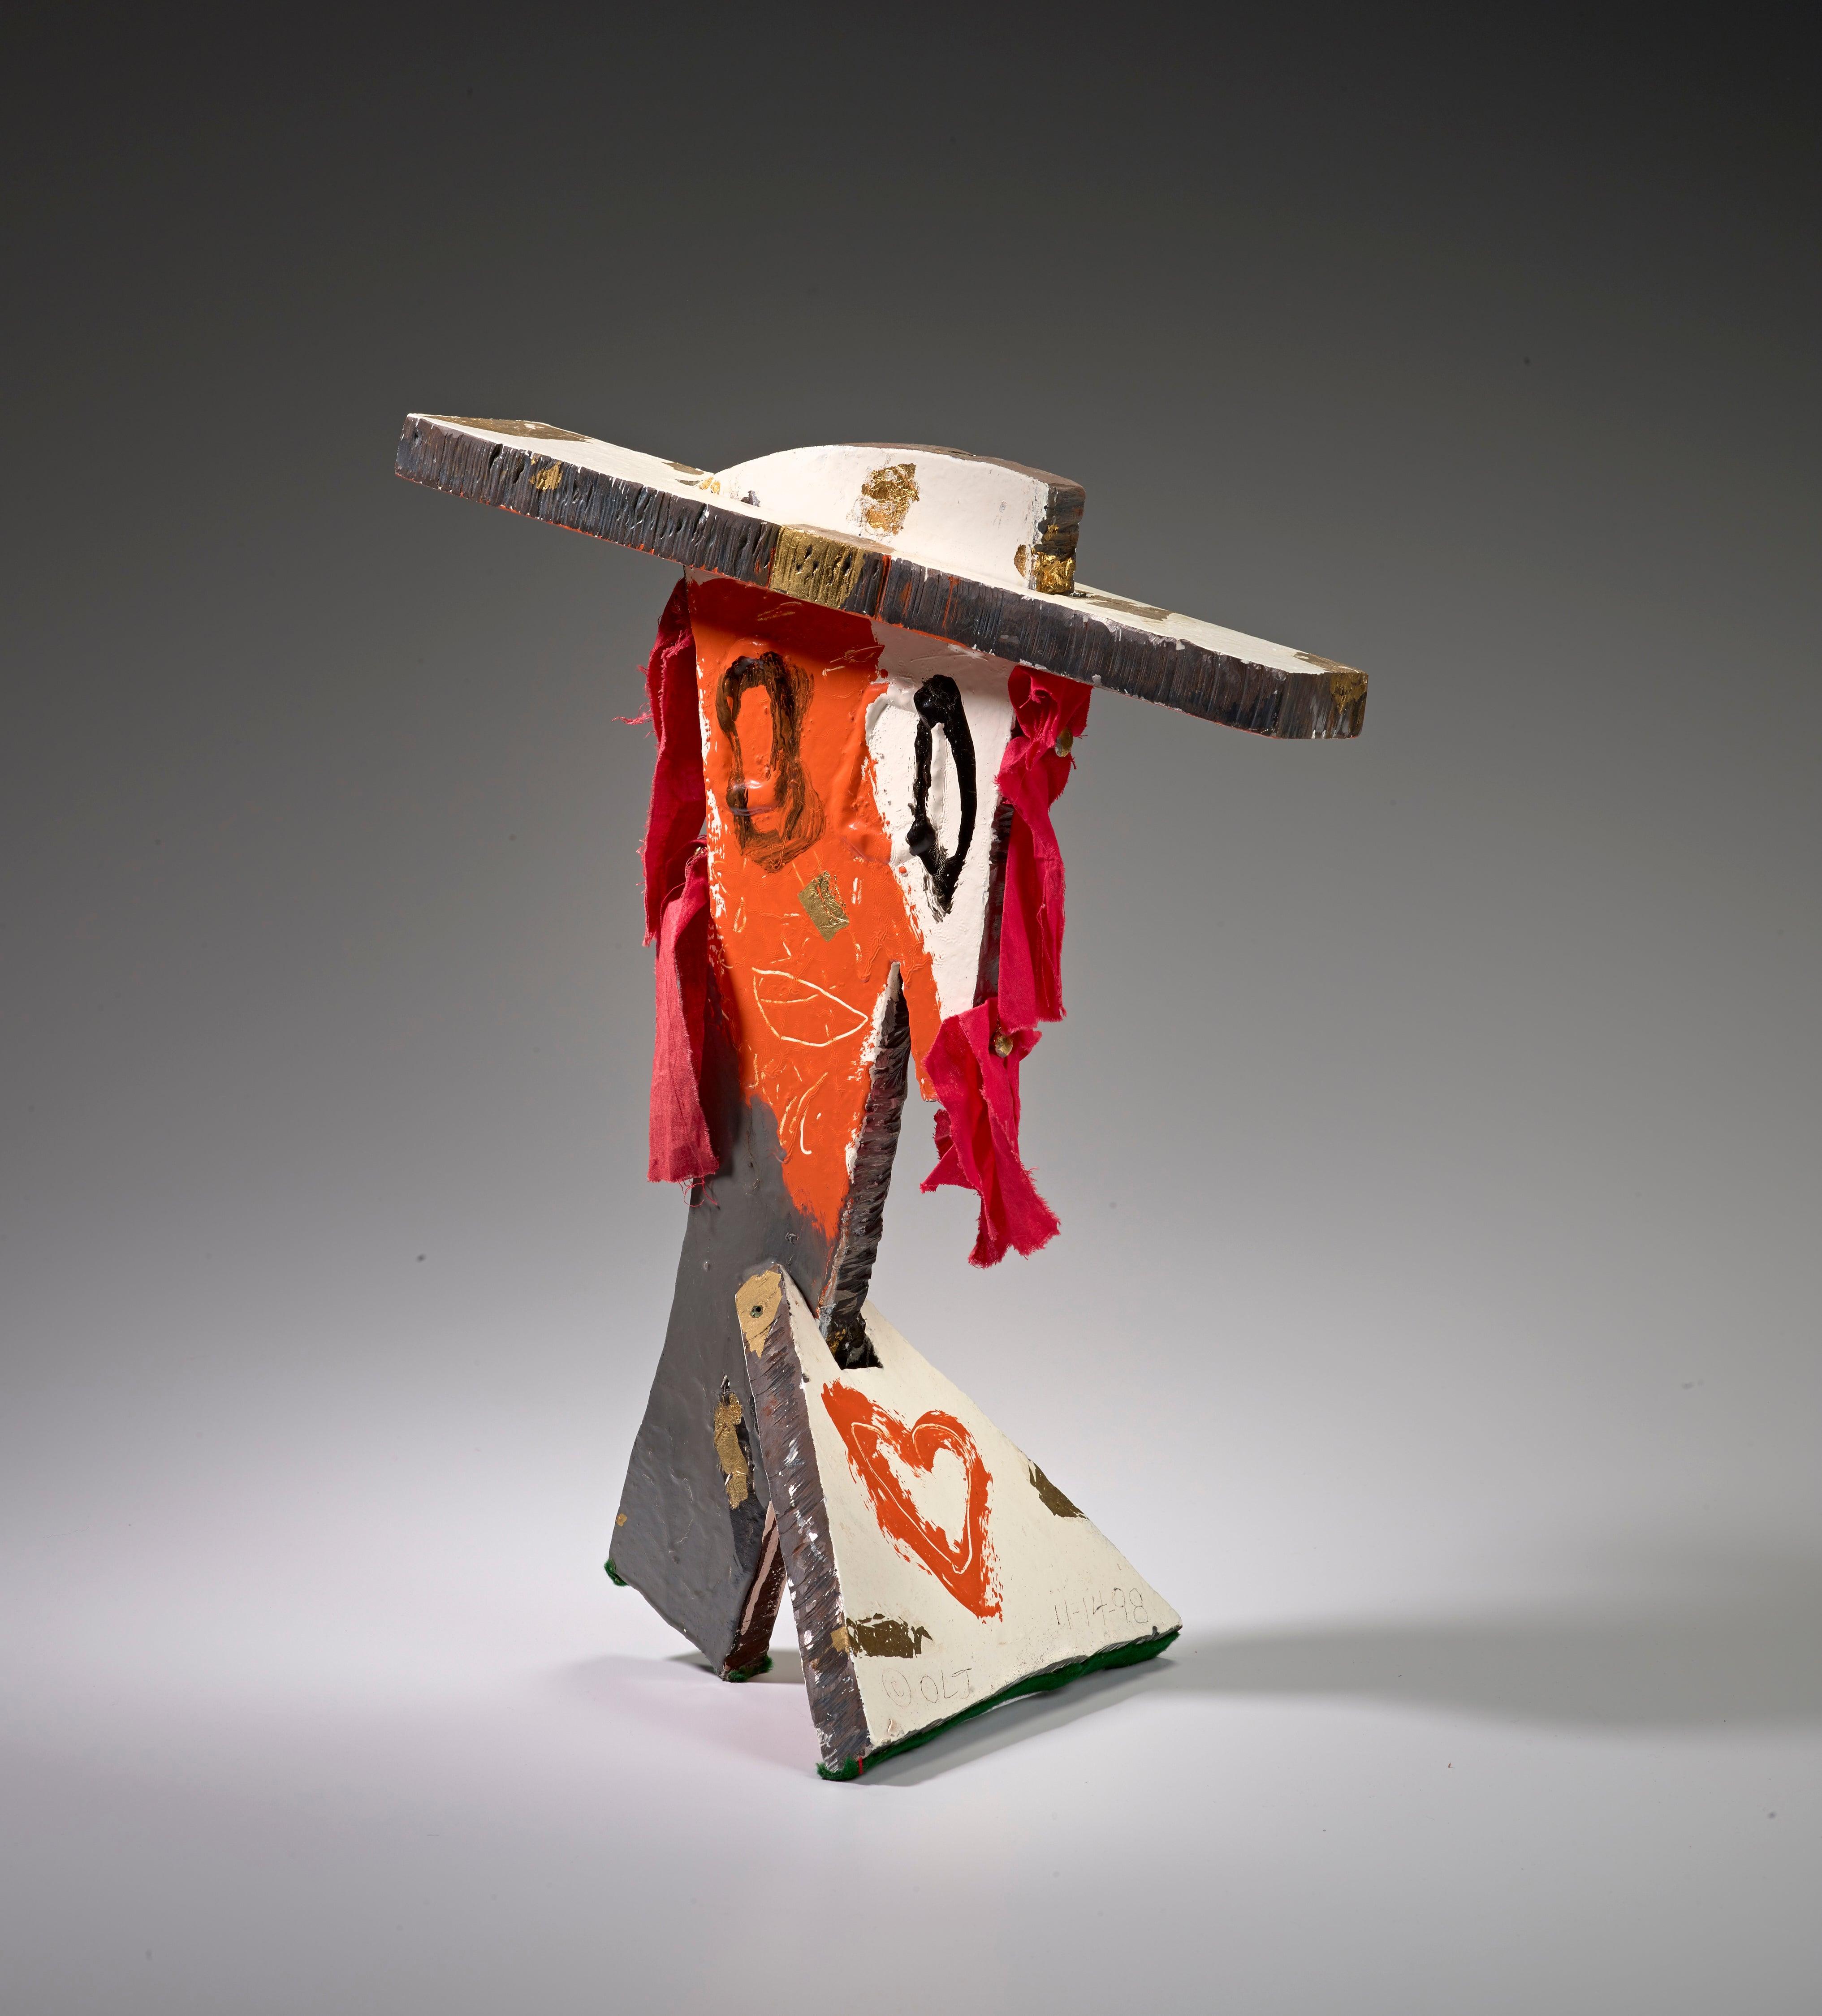 Bust VI (Figurative Mixed Media Sculpture)